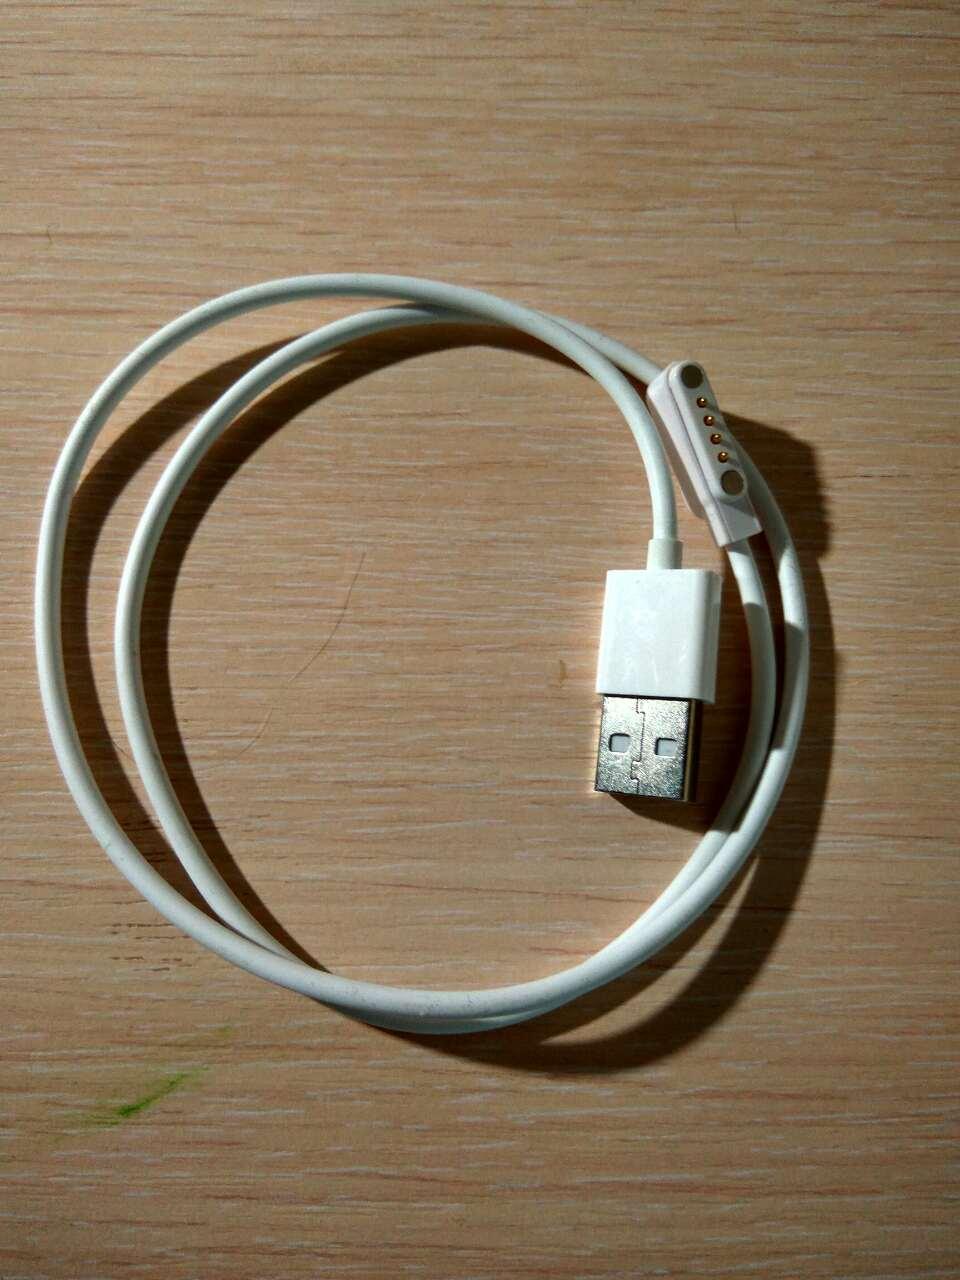 Cordon du chargeur pour kw88 kw18 q100 q750 montre connectée cordon du chargeur pour kw88 kw18 q100 q750 chargeur de montre câble